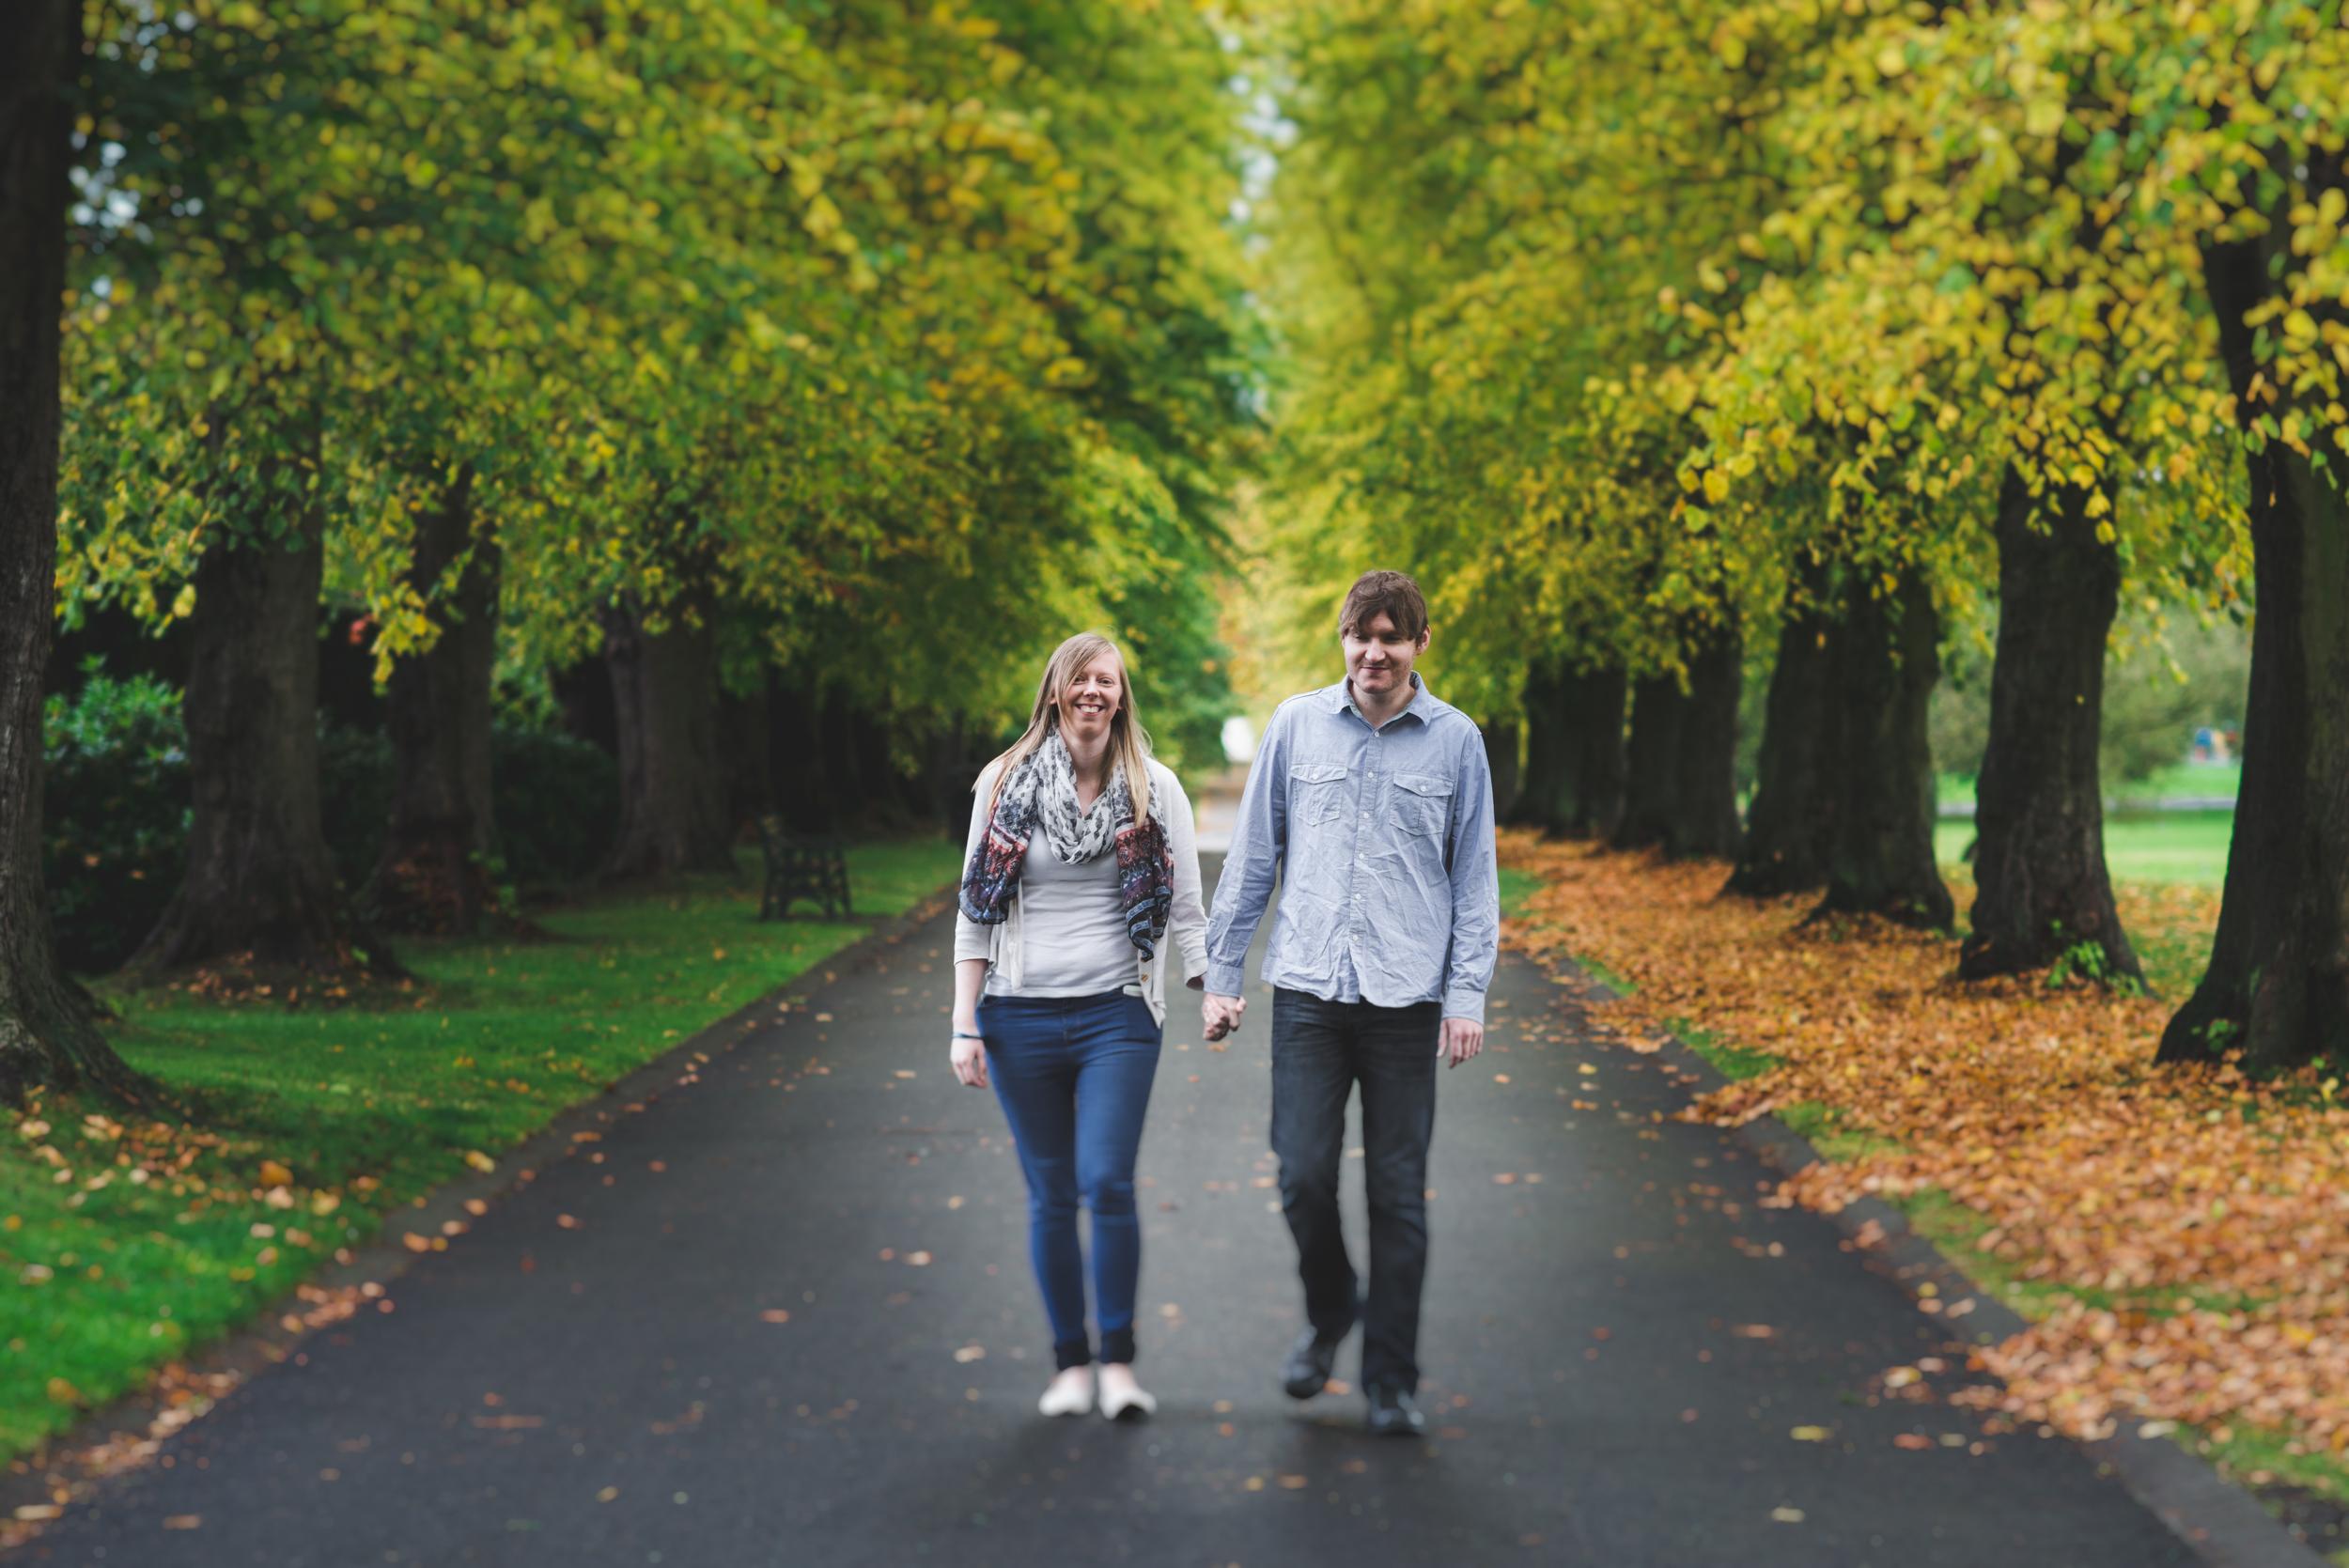 Northern_Ireland_Engagement_Photography_purephotoni_Lurgan_Park